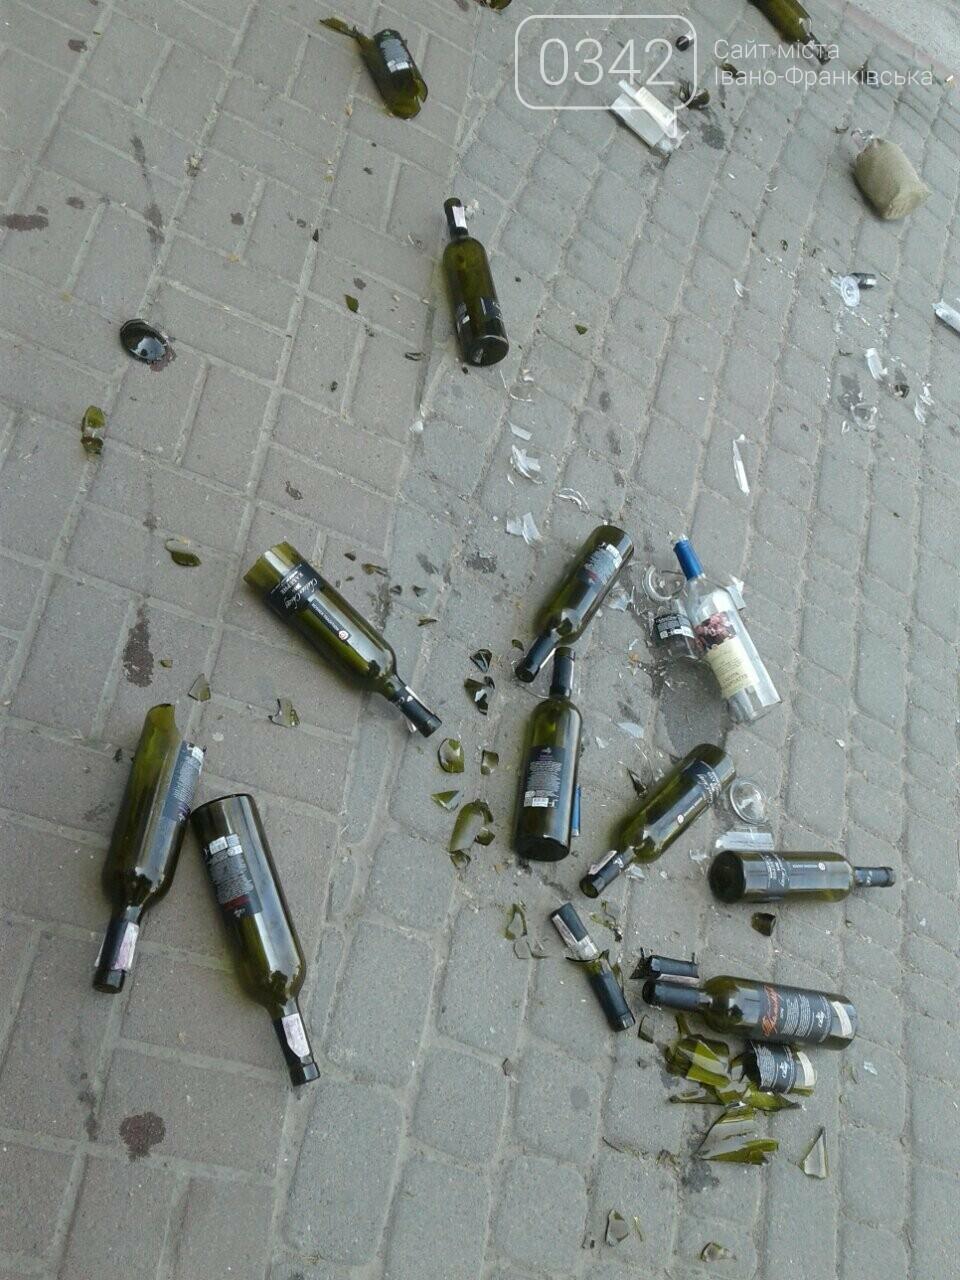 Святкування не задались. На Вічевому майдані купа розбитих пляшок. ФОТО, фото-4